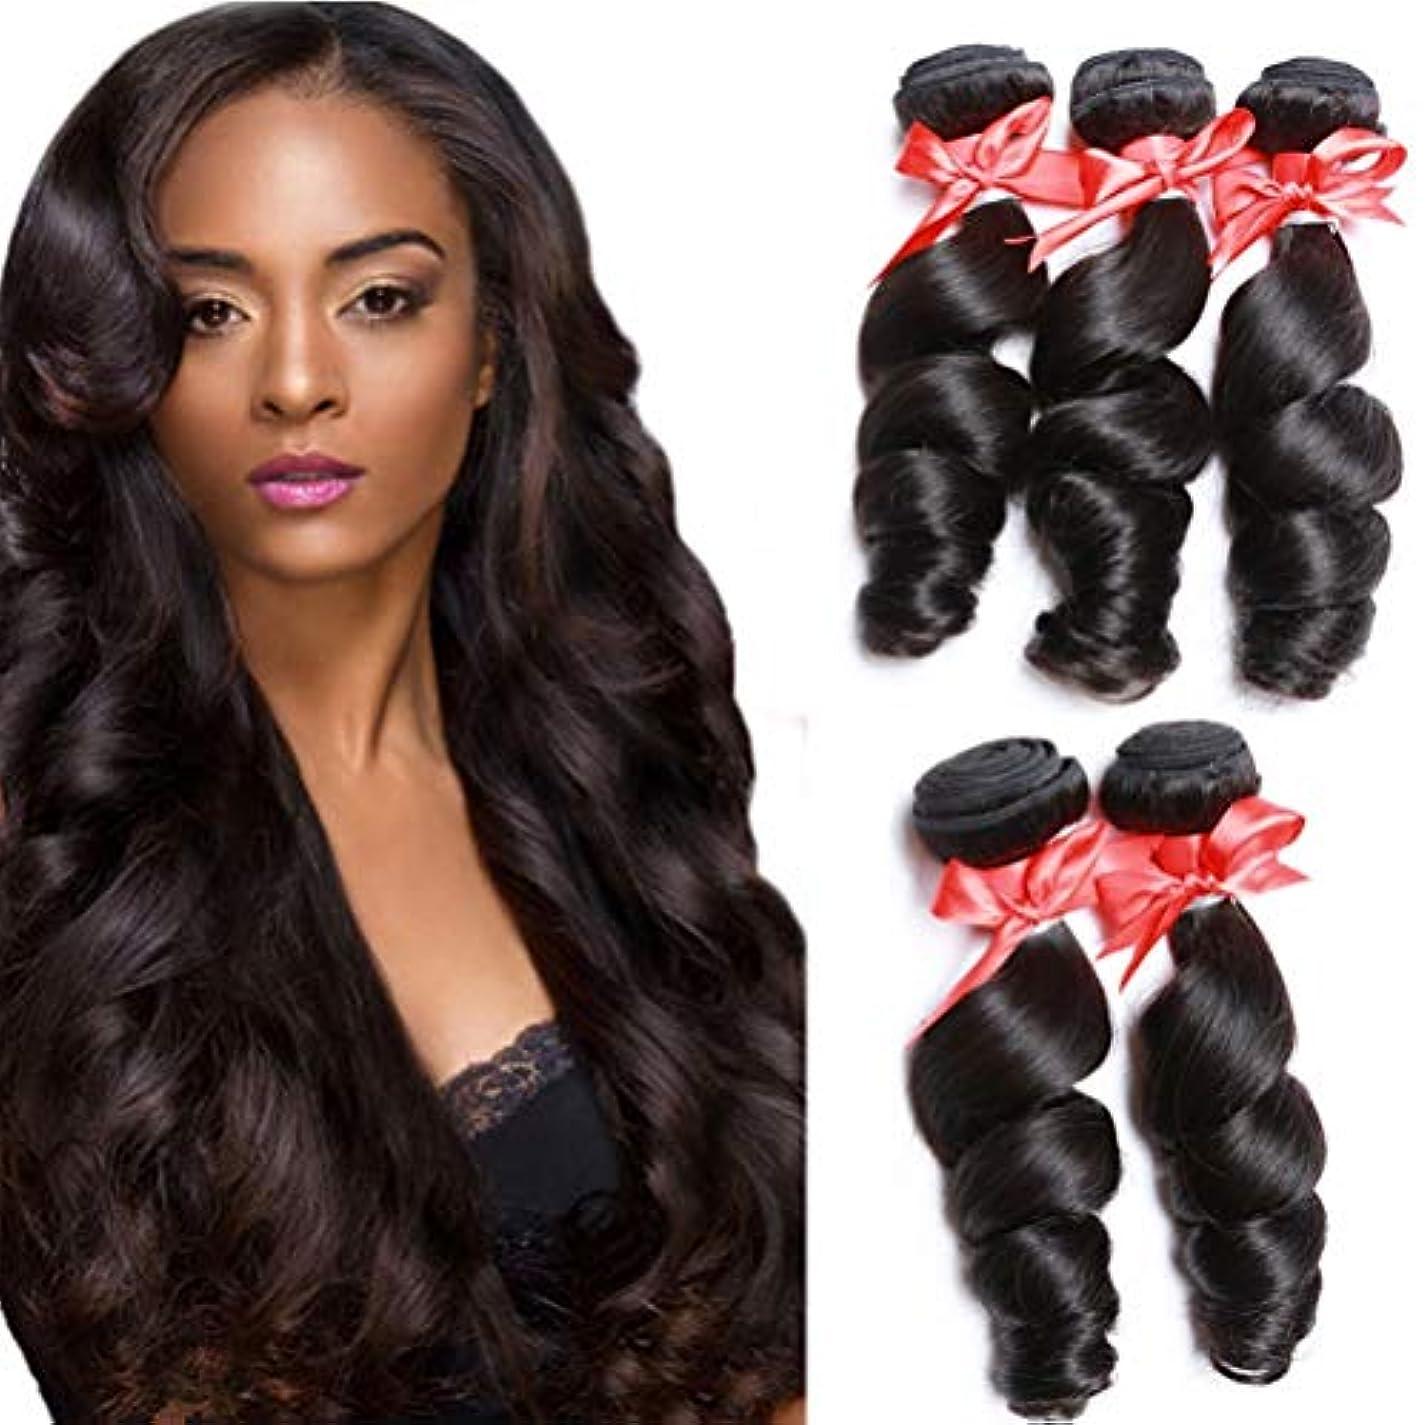 離れて住所線女性髪織り未処理8aブラジルバージン人間の髪緩い織り1バンドルヘアエクステンション閉鎖100グラム/バンドル